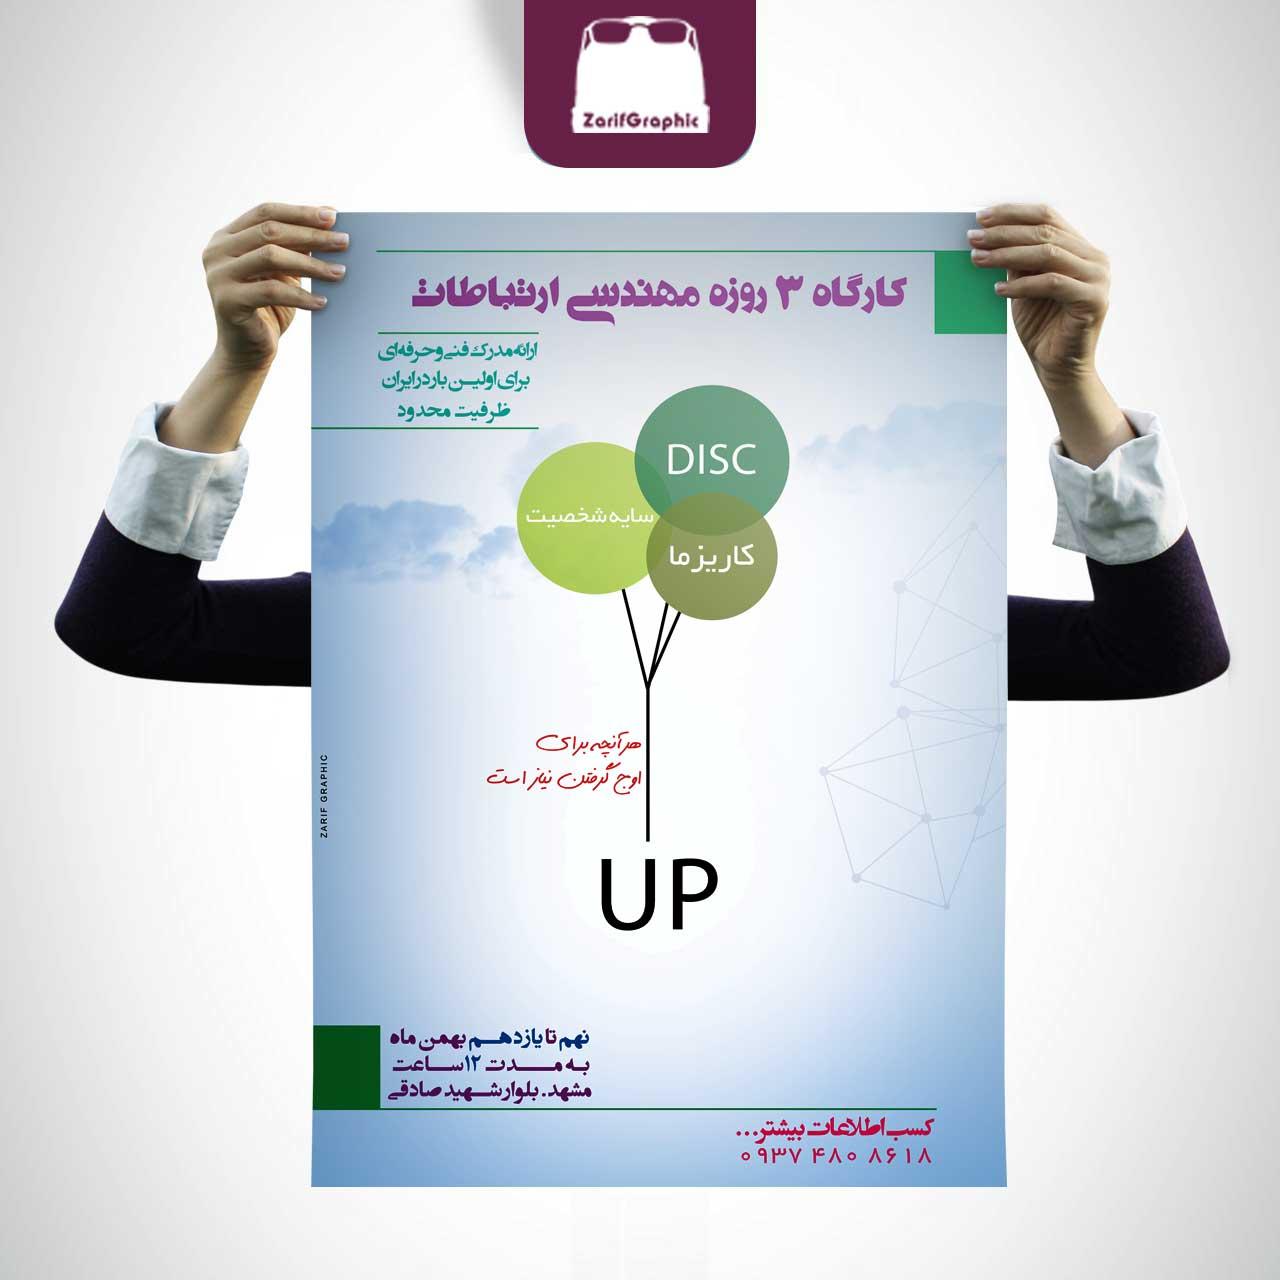 طراحی پوستر تبلیغاتی حرفه ای مشهد تهران